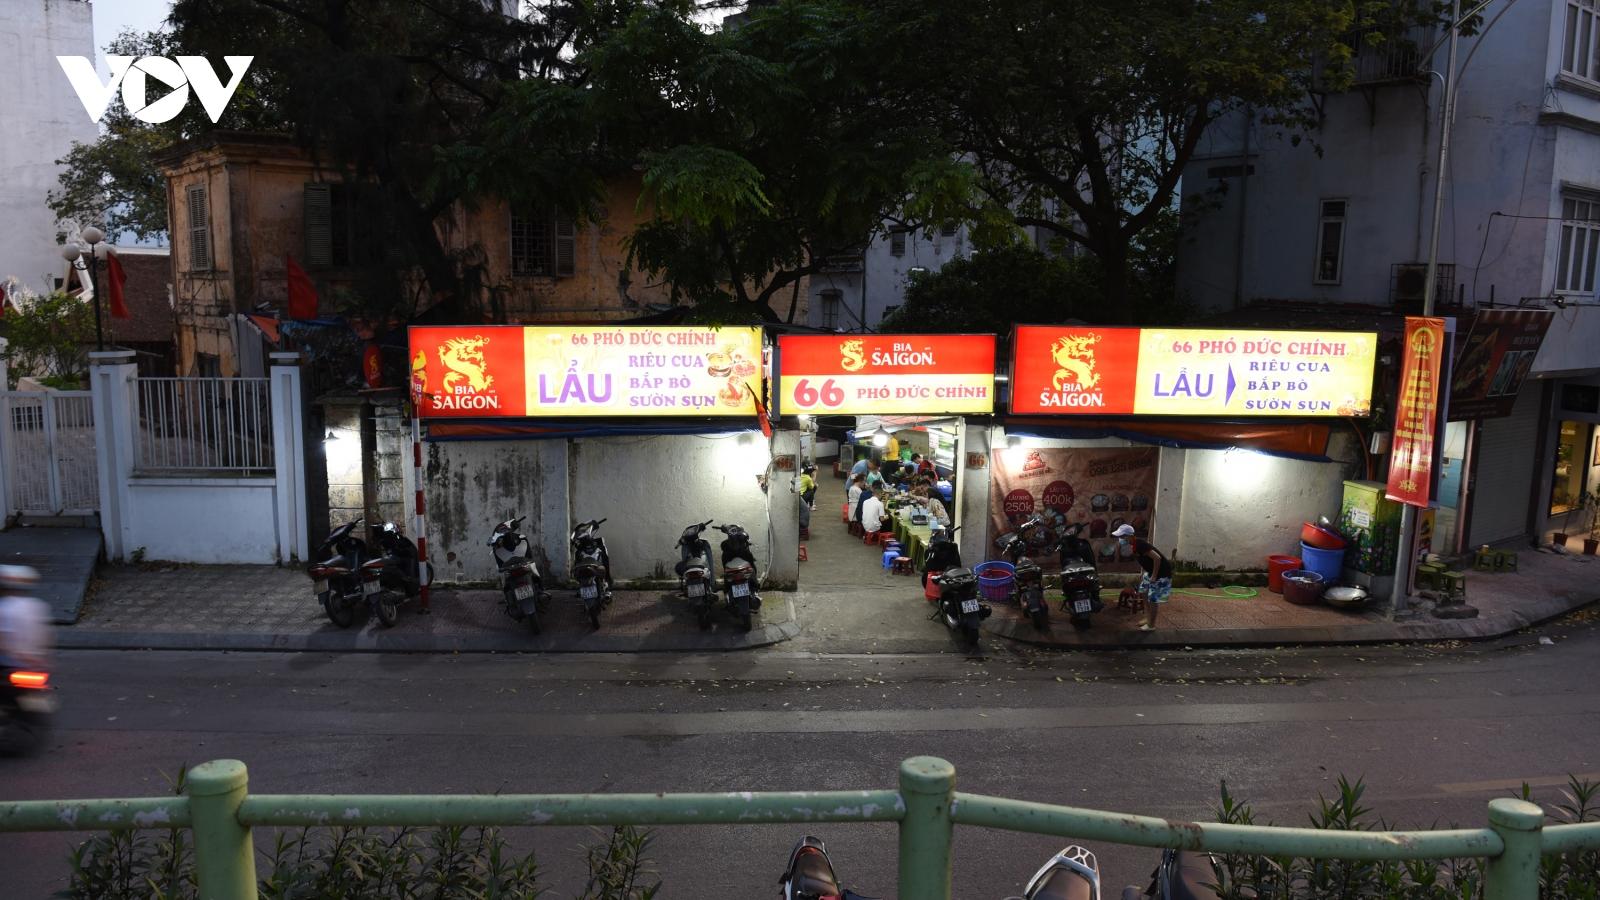 Thường trực Thành uỷ Hà Nội chỉ đạo sớm xét xử các vụ án nhập cảnh trái phép